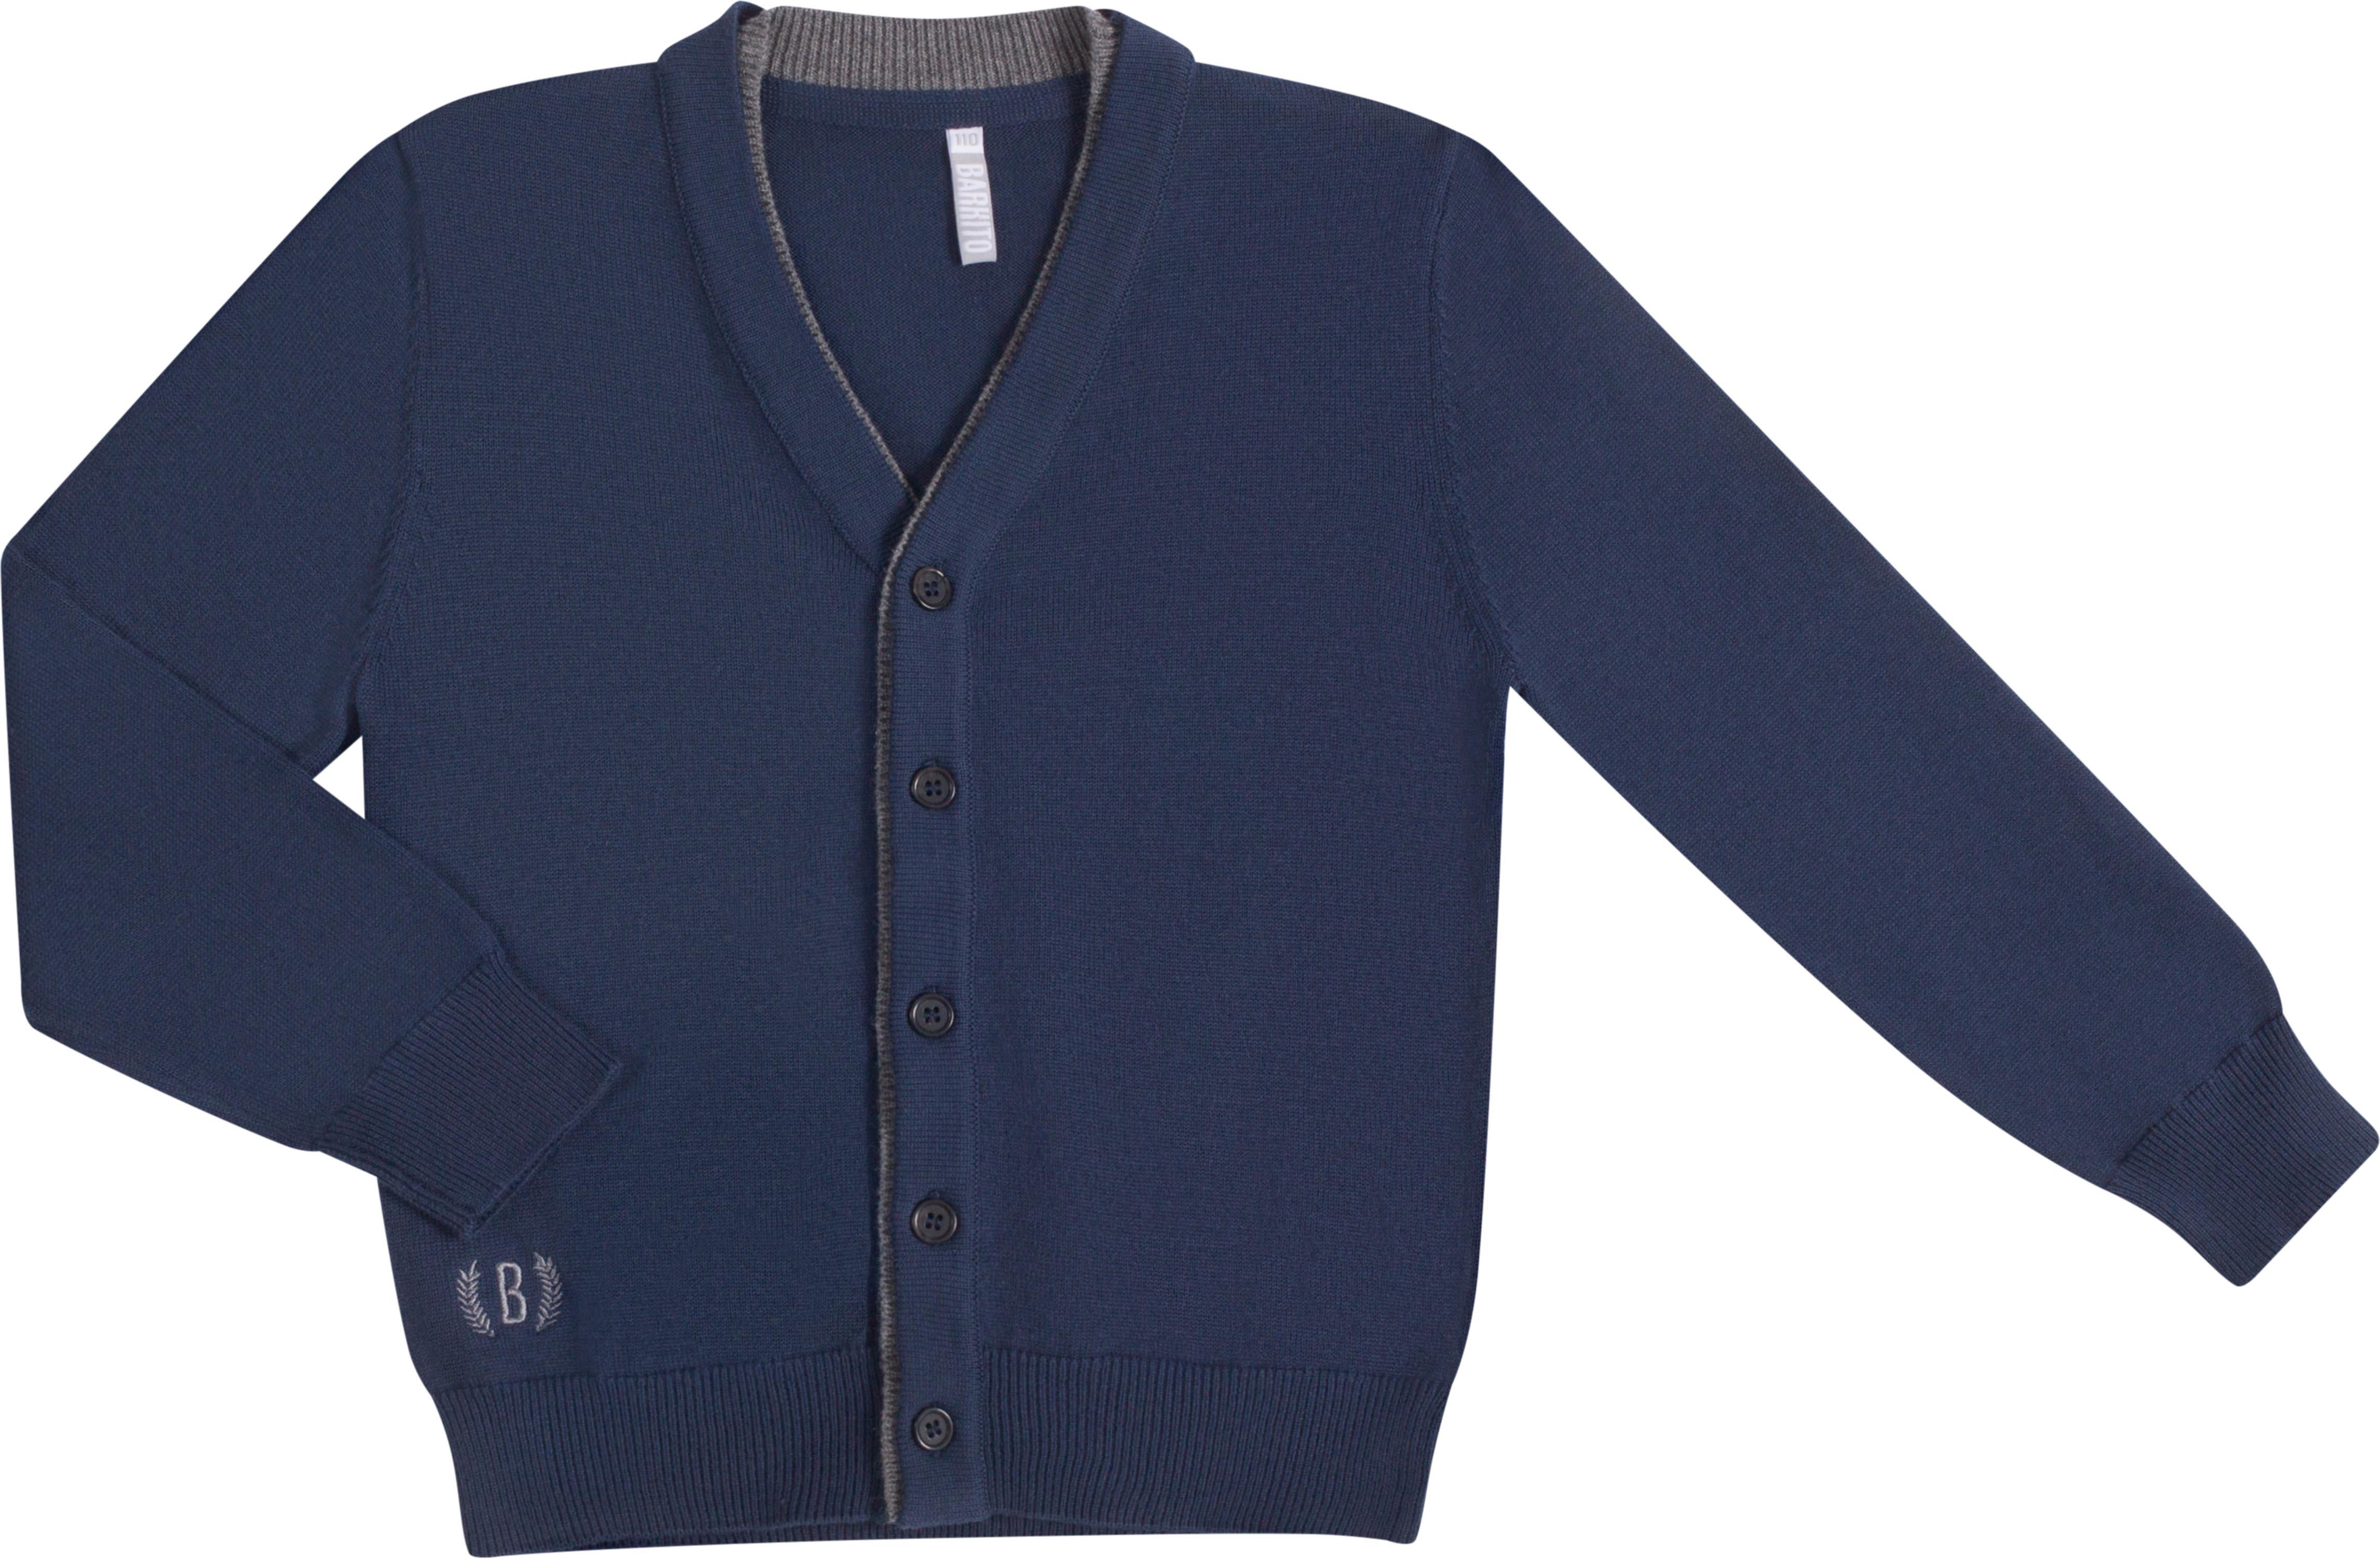 Кардиган для мальчика Barkito W19B4031K(1) комплект верхней одежды для мальчика huppa dante 1 цвет синий темно синий 41930130 82735 размер 104